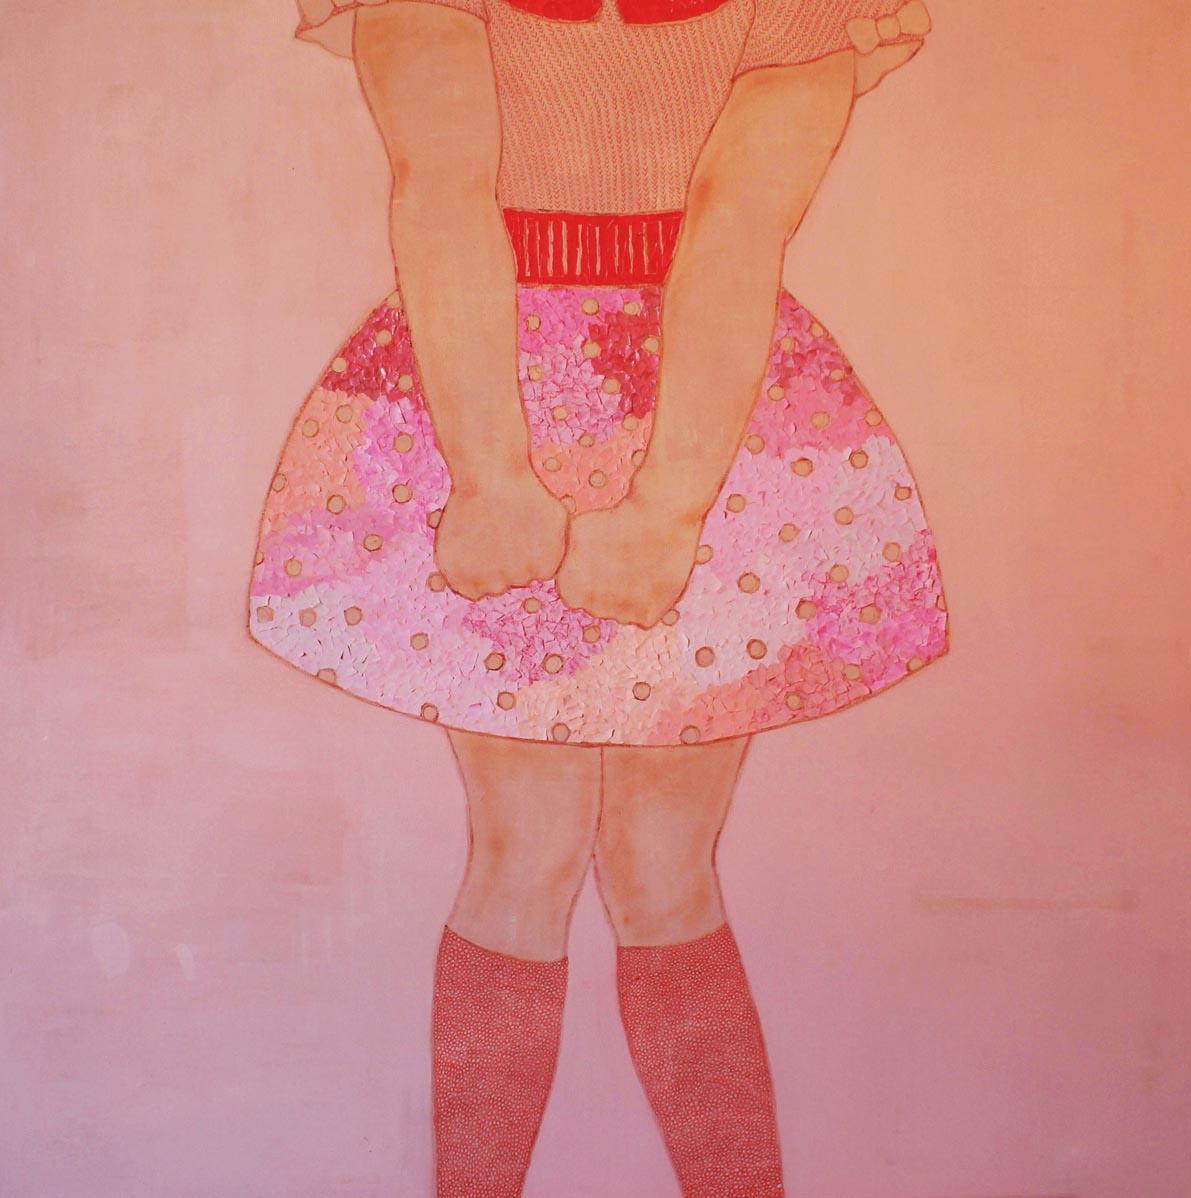 Senza titolo,  Acrilico, carta e matite colorate su tela, 100x100cm, 2013